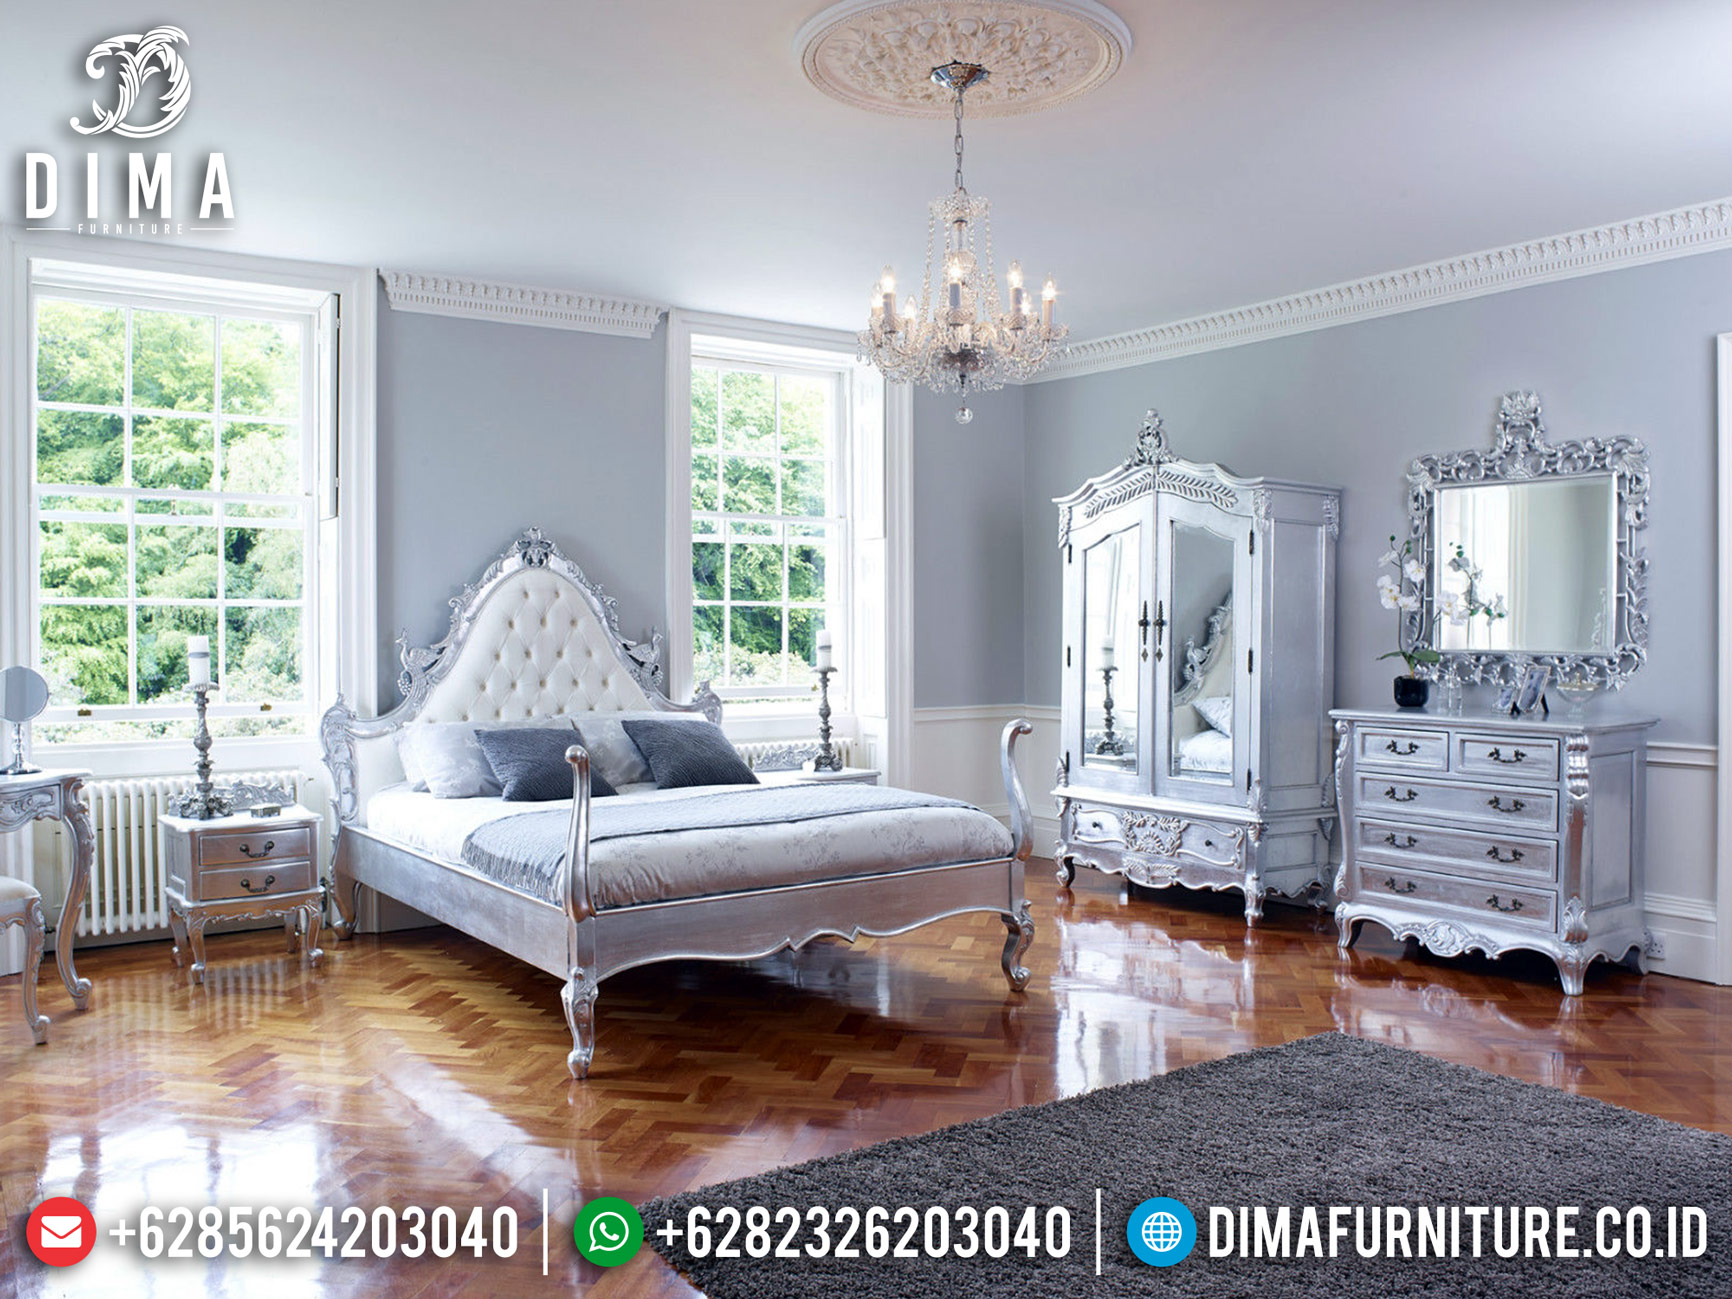 Desain Tempat Tidur Mewah Silver Leaf Type Terbaru Furniture Jepara TTJ-0473